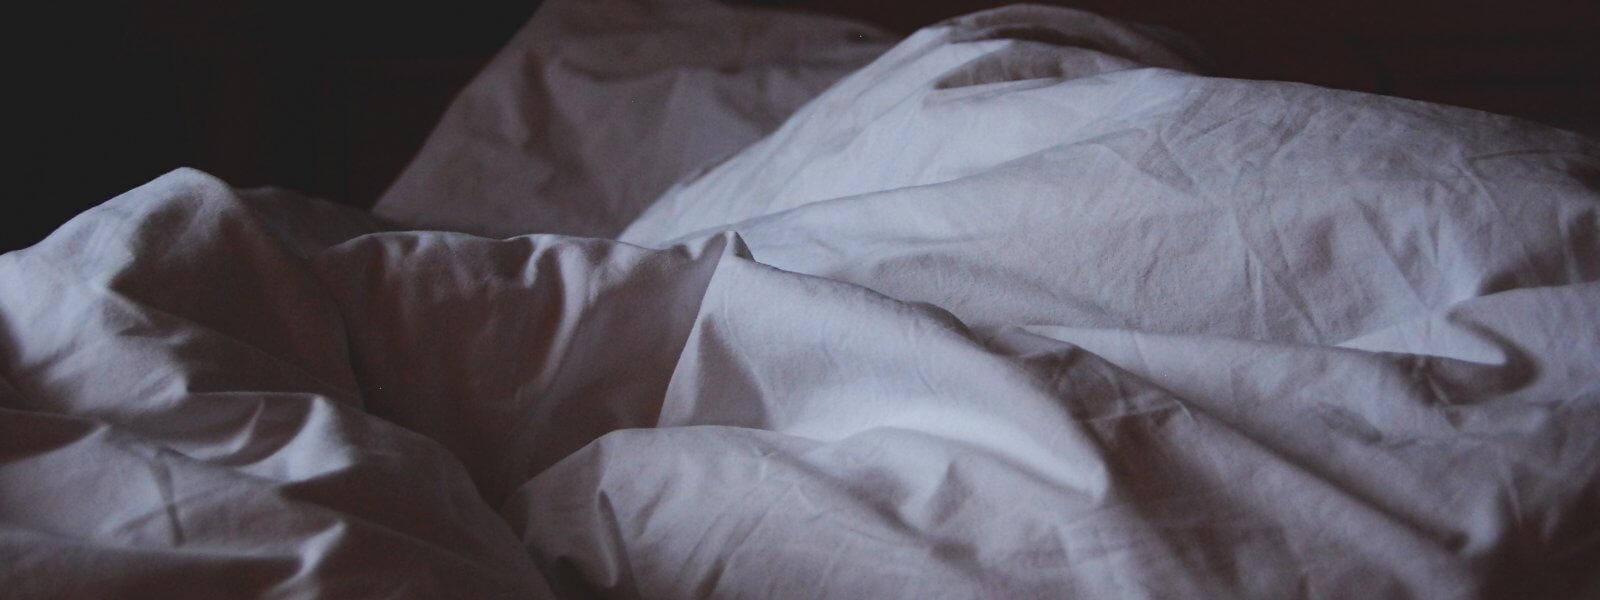 25 idées reçues sur le sommeil